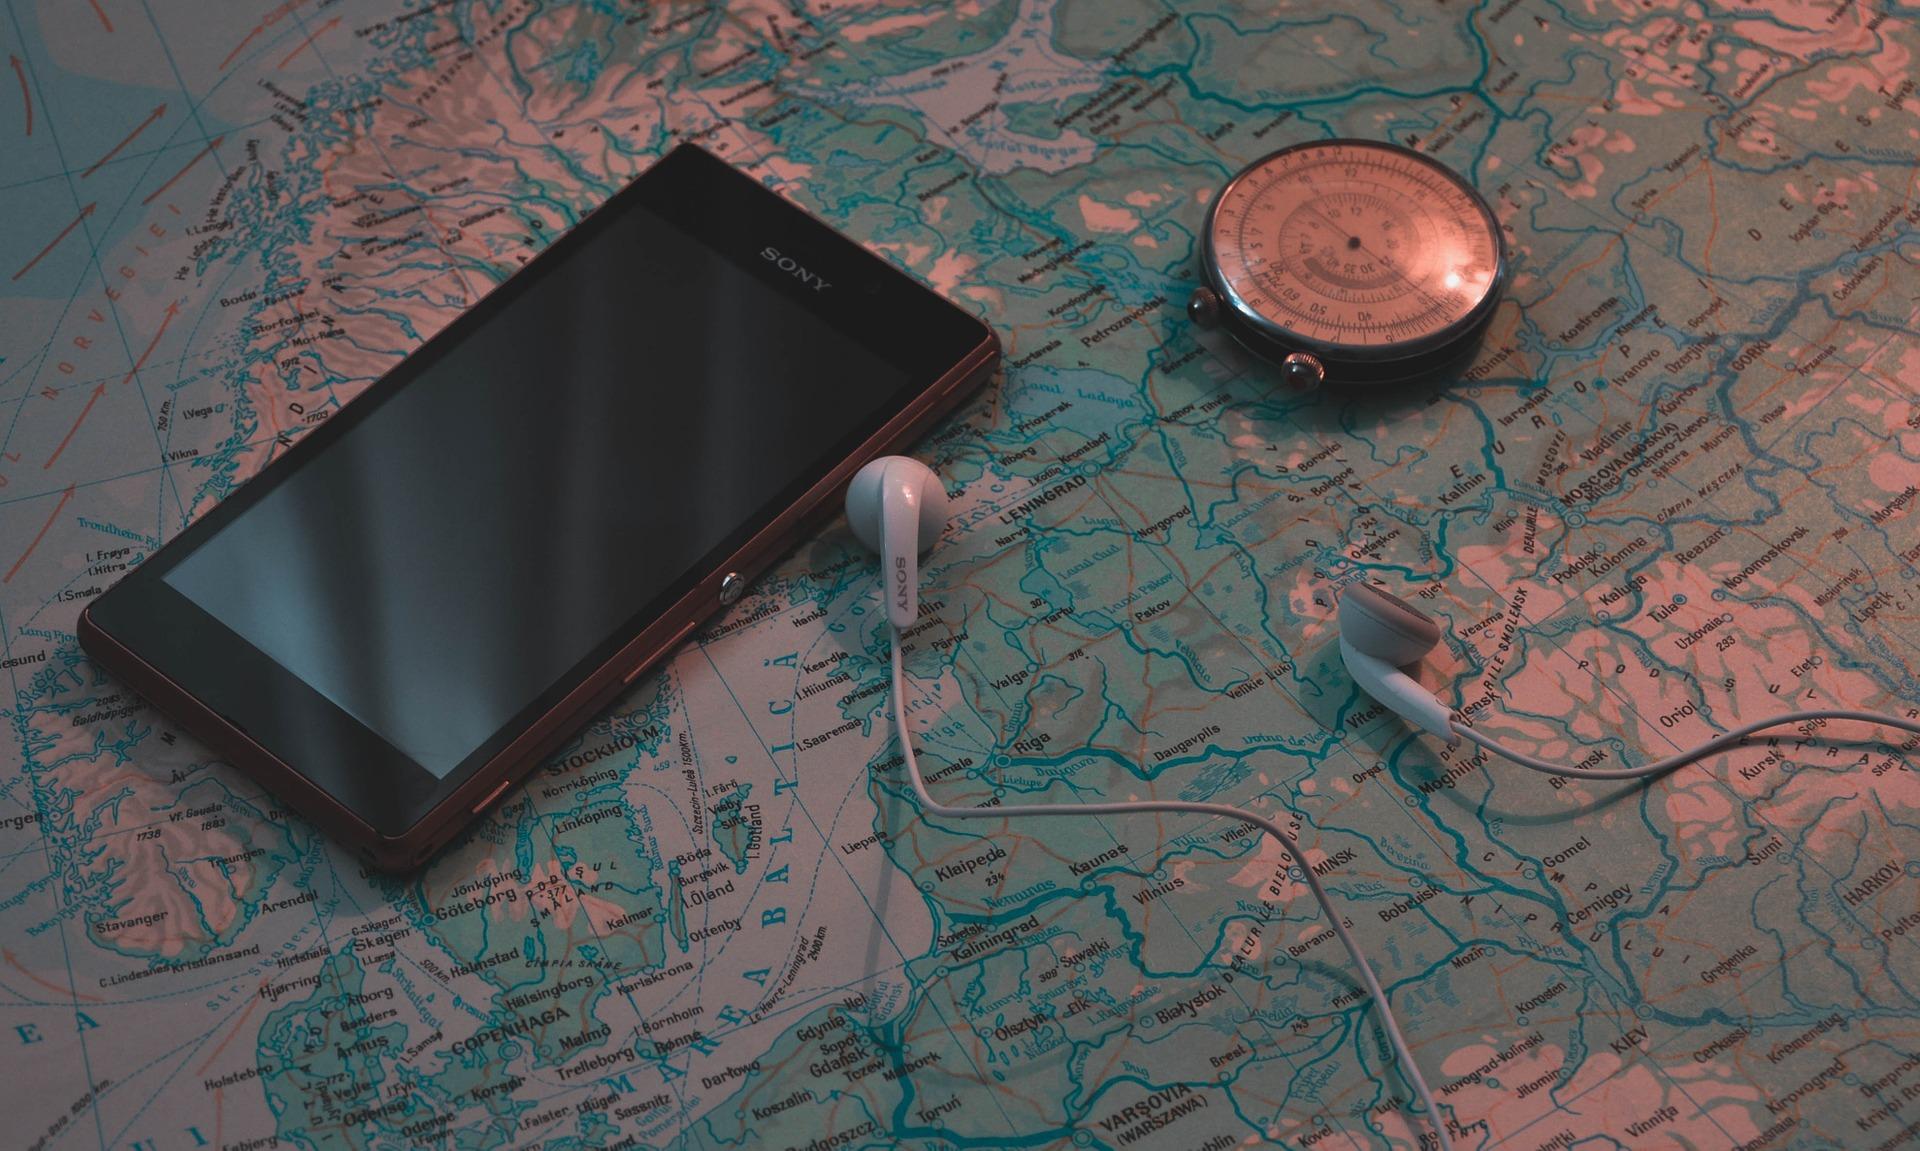 Carte Espagne Hors Ligne.Les Meilleurs Gps Sans Connexion Internet Sur Android